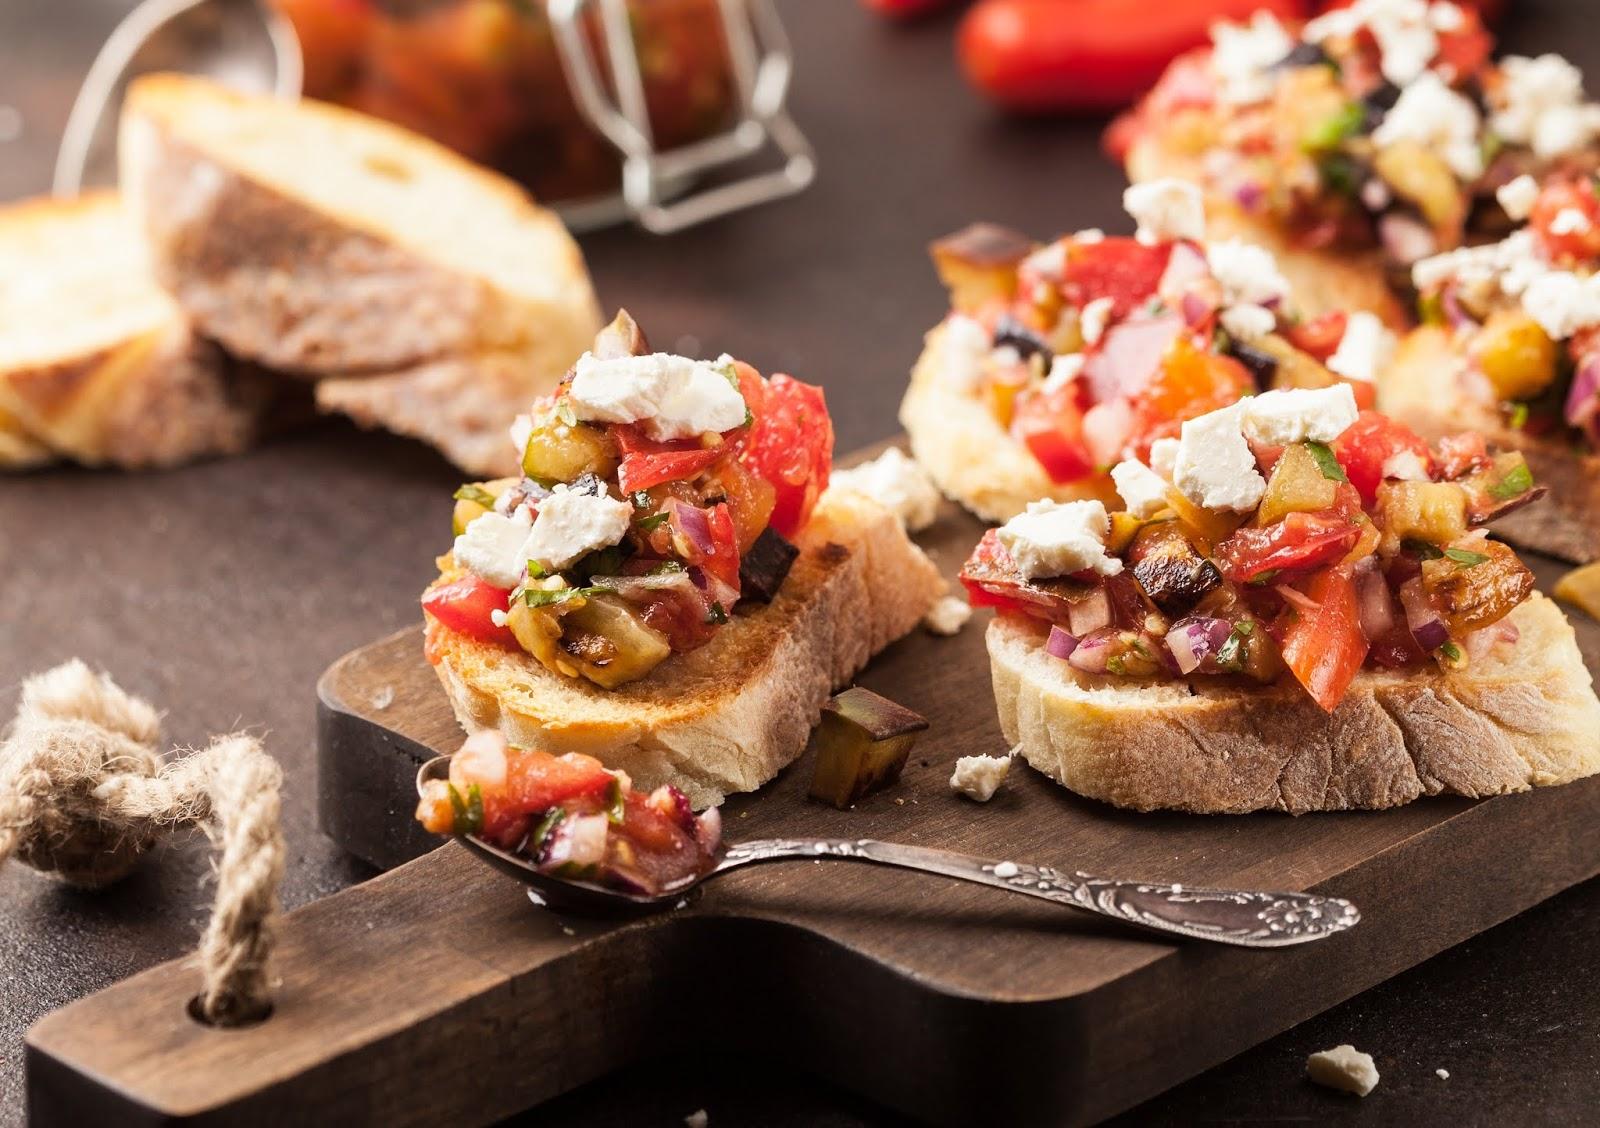 pasta z soczeiwcy przepis na pasty kanapkowe jak zrobić dipy do kanapek, tostów, nachosów przepiśnik zdrowe przepisy na przekąski na imprezy, urodziny